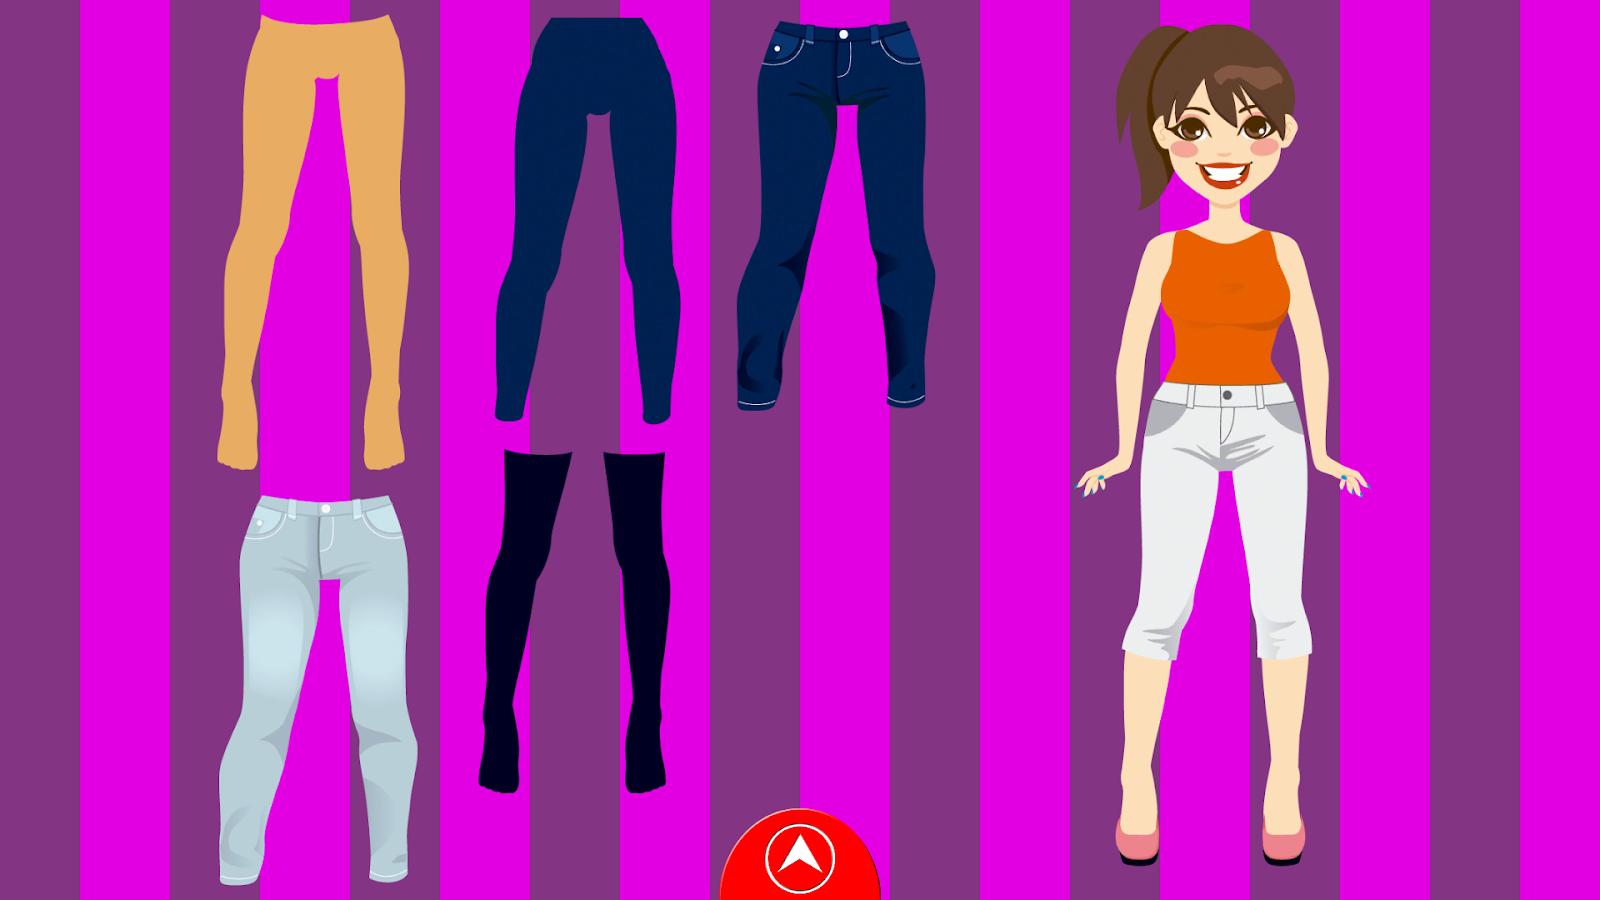 Juego De Vestir Chicas 10 Apk Download Android Casual Games